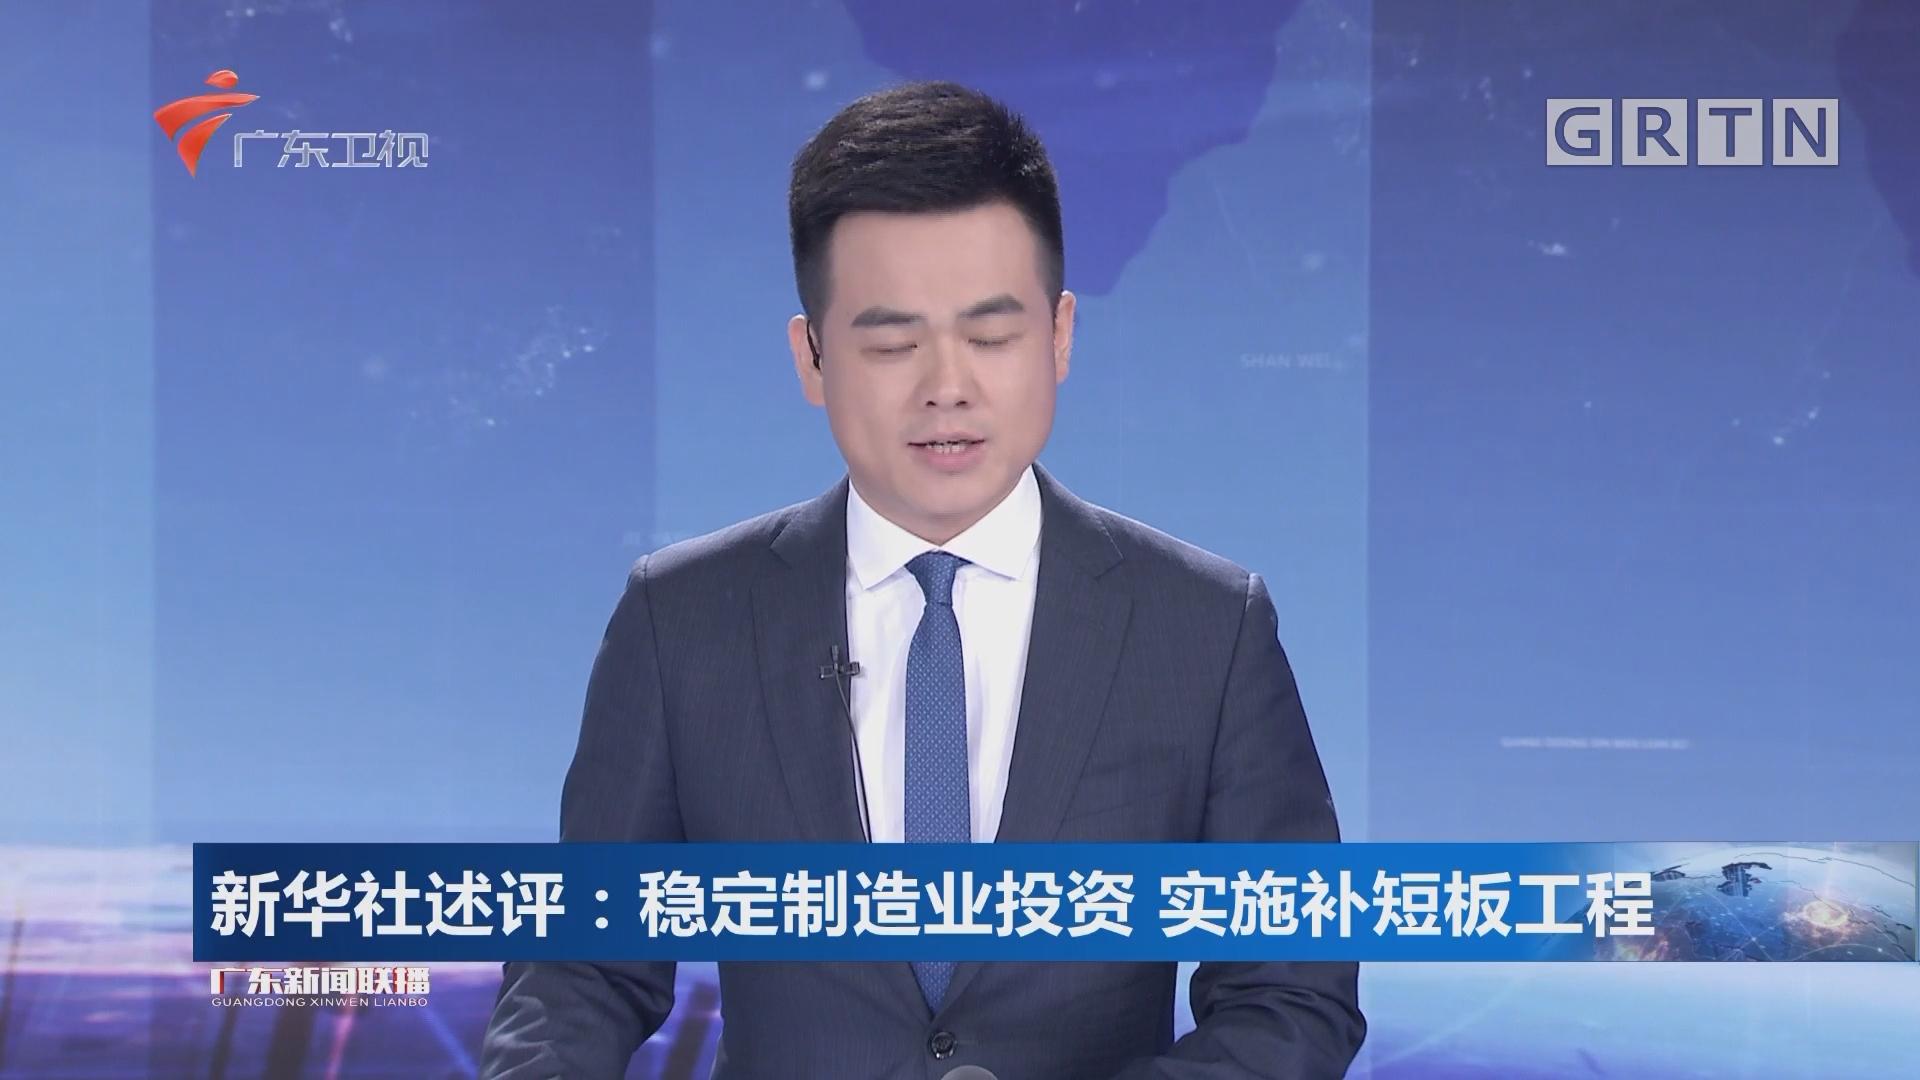 新华社述评:稳定制造业投资 实施补短板工程